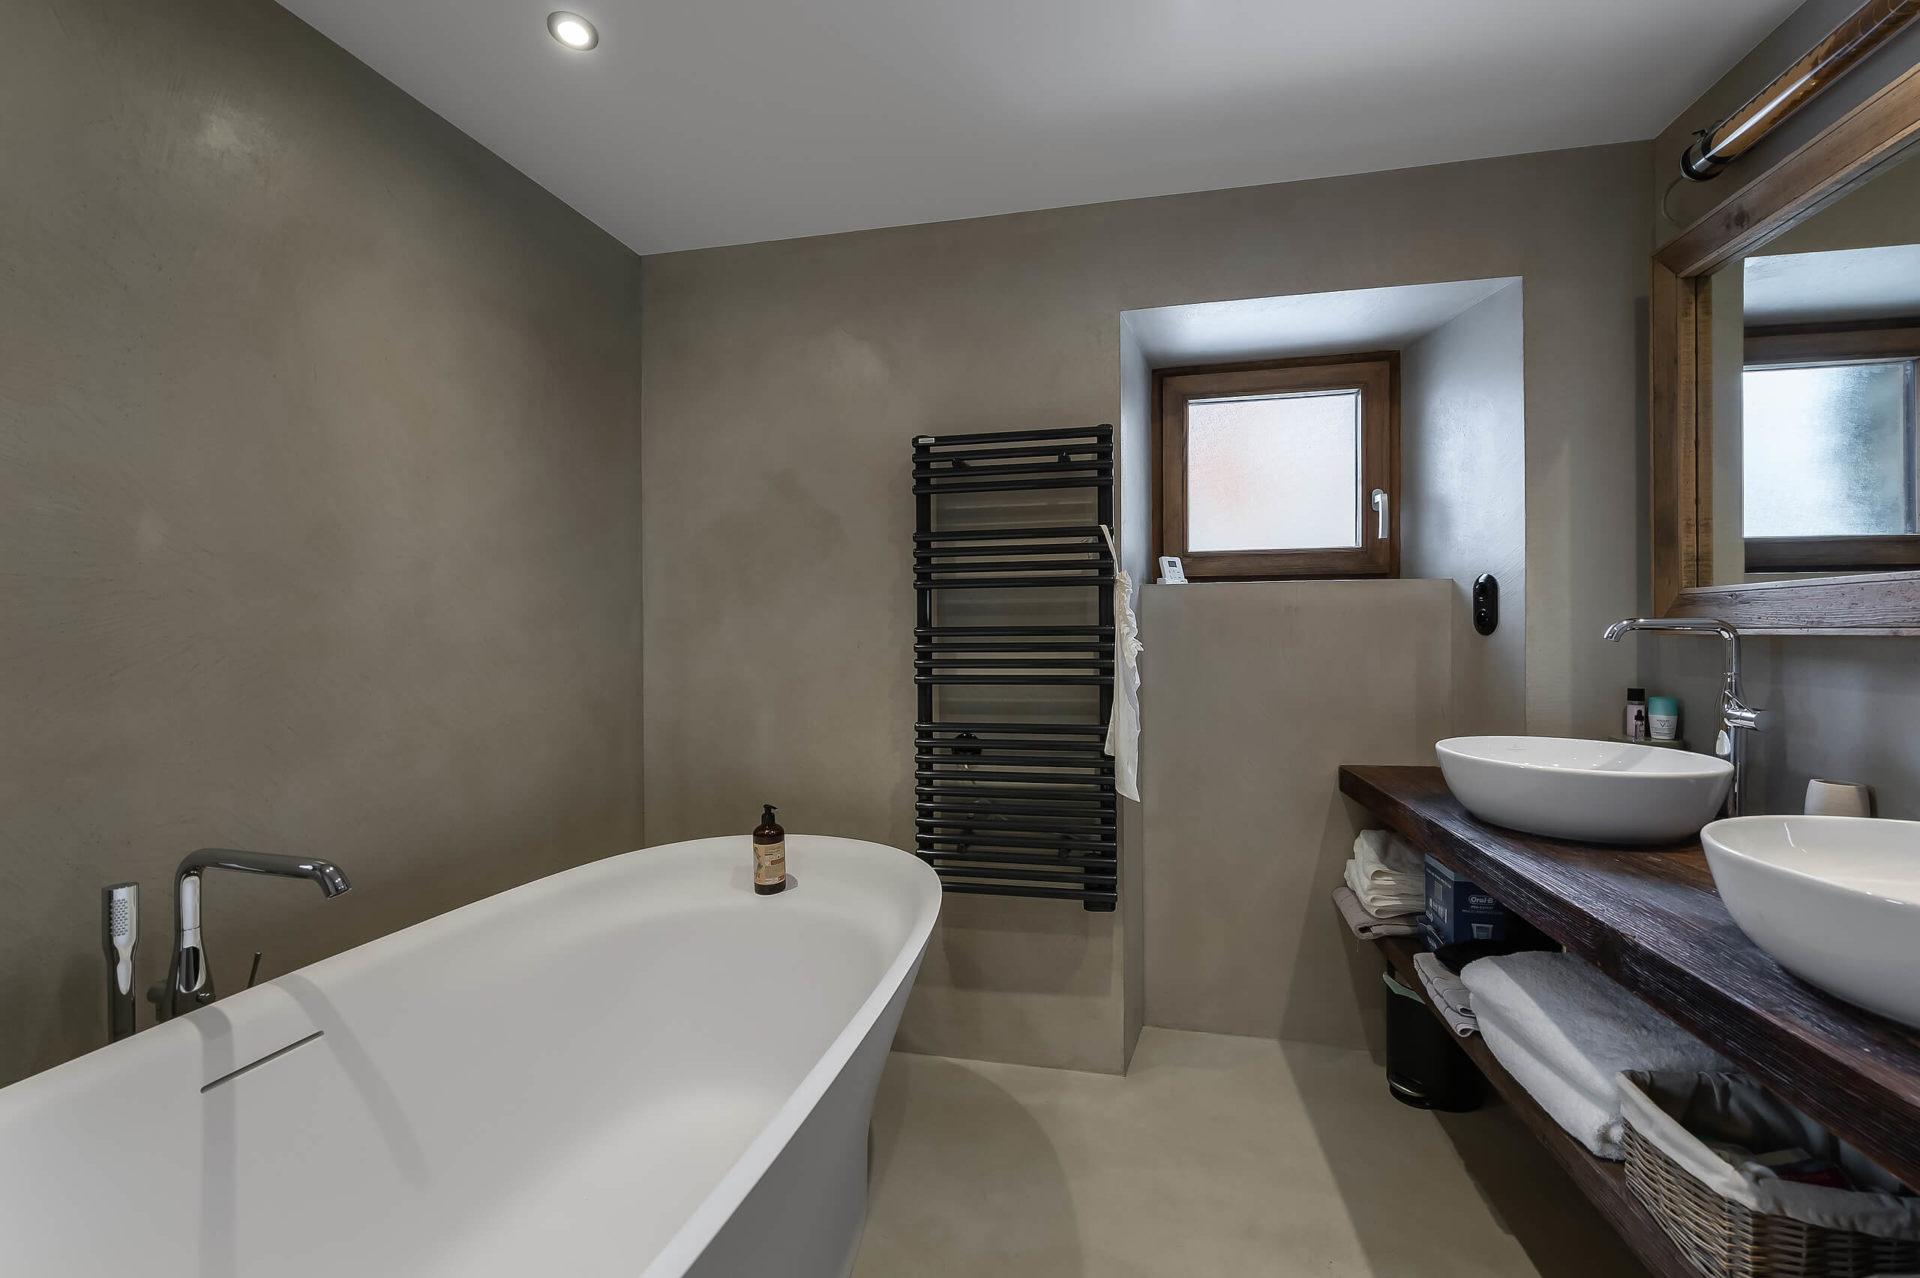 Ferme de 1779 - salle de bain 1 / Saint Martin de Belleville, Savoie